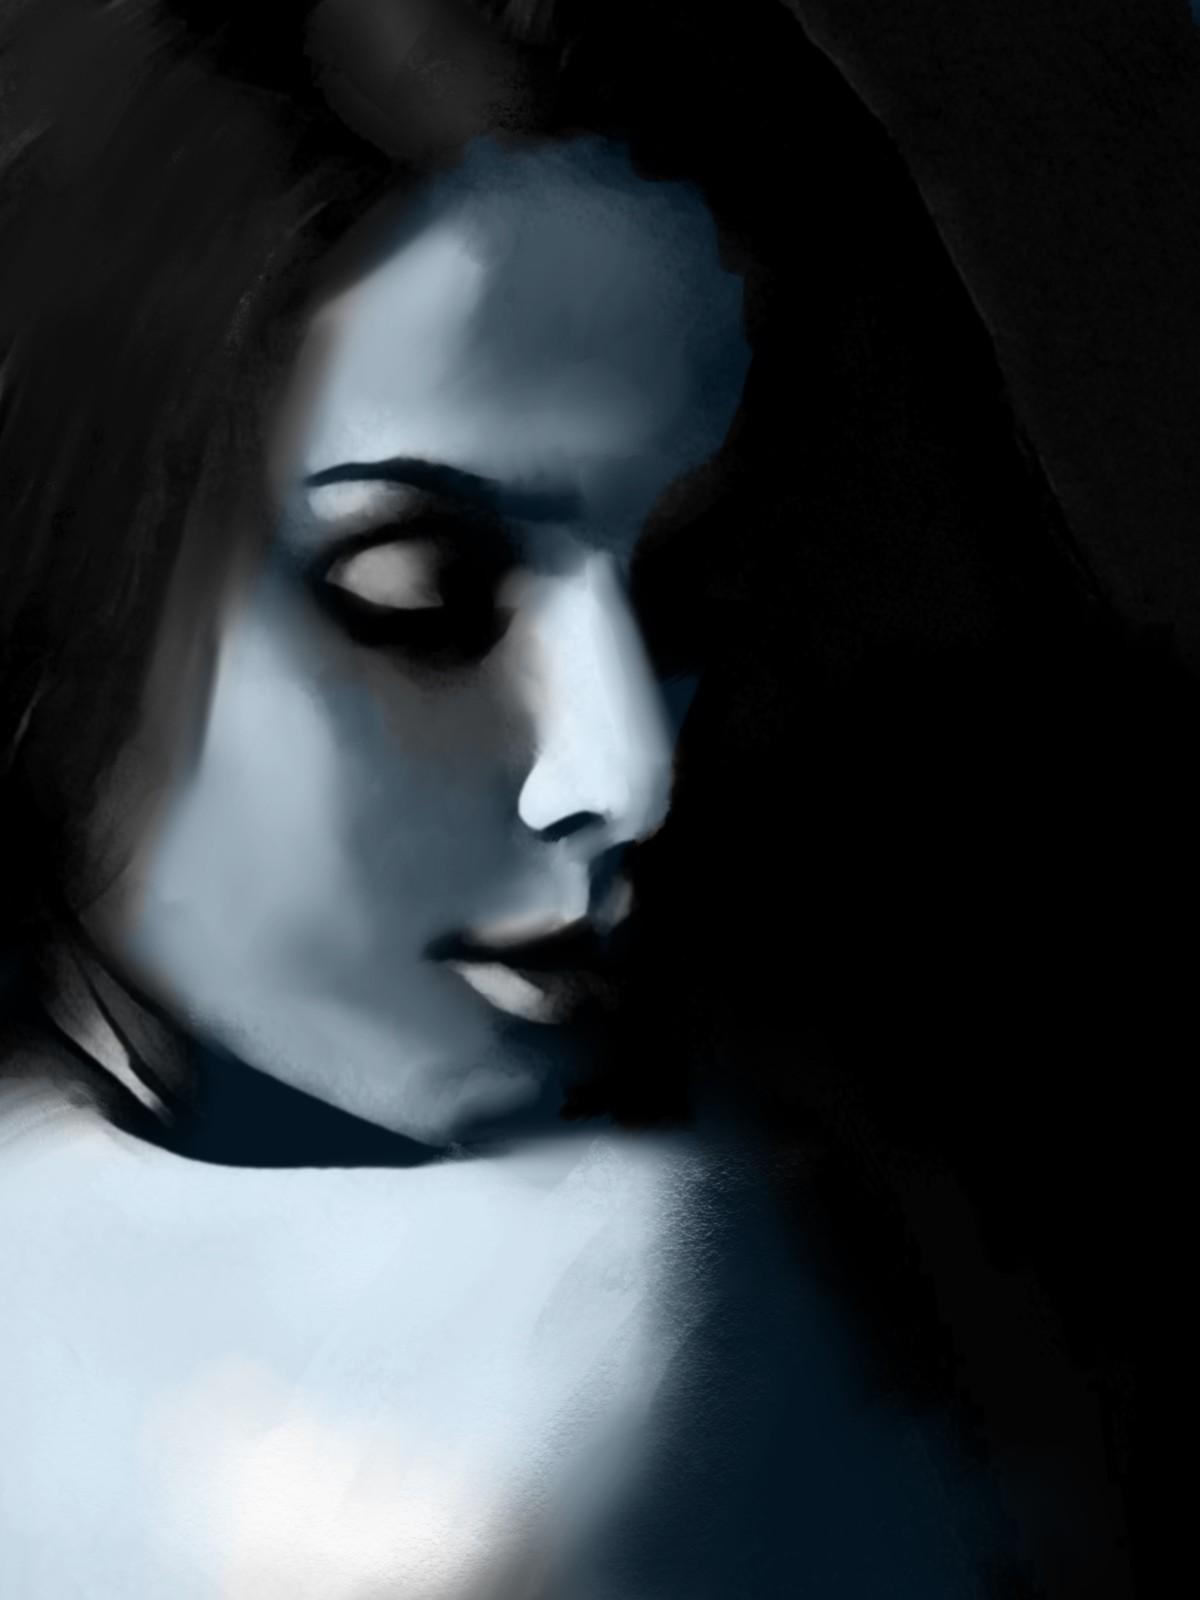 Original digital painting